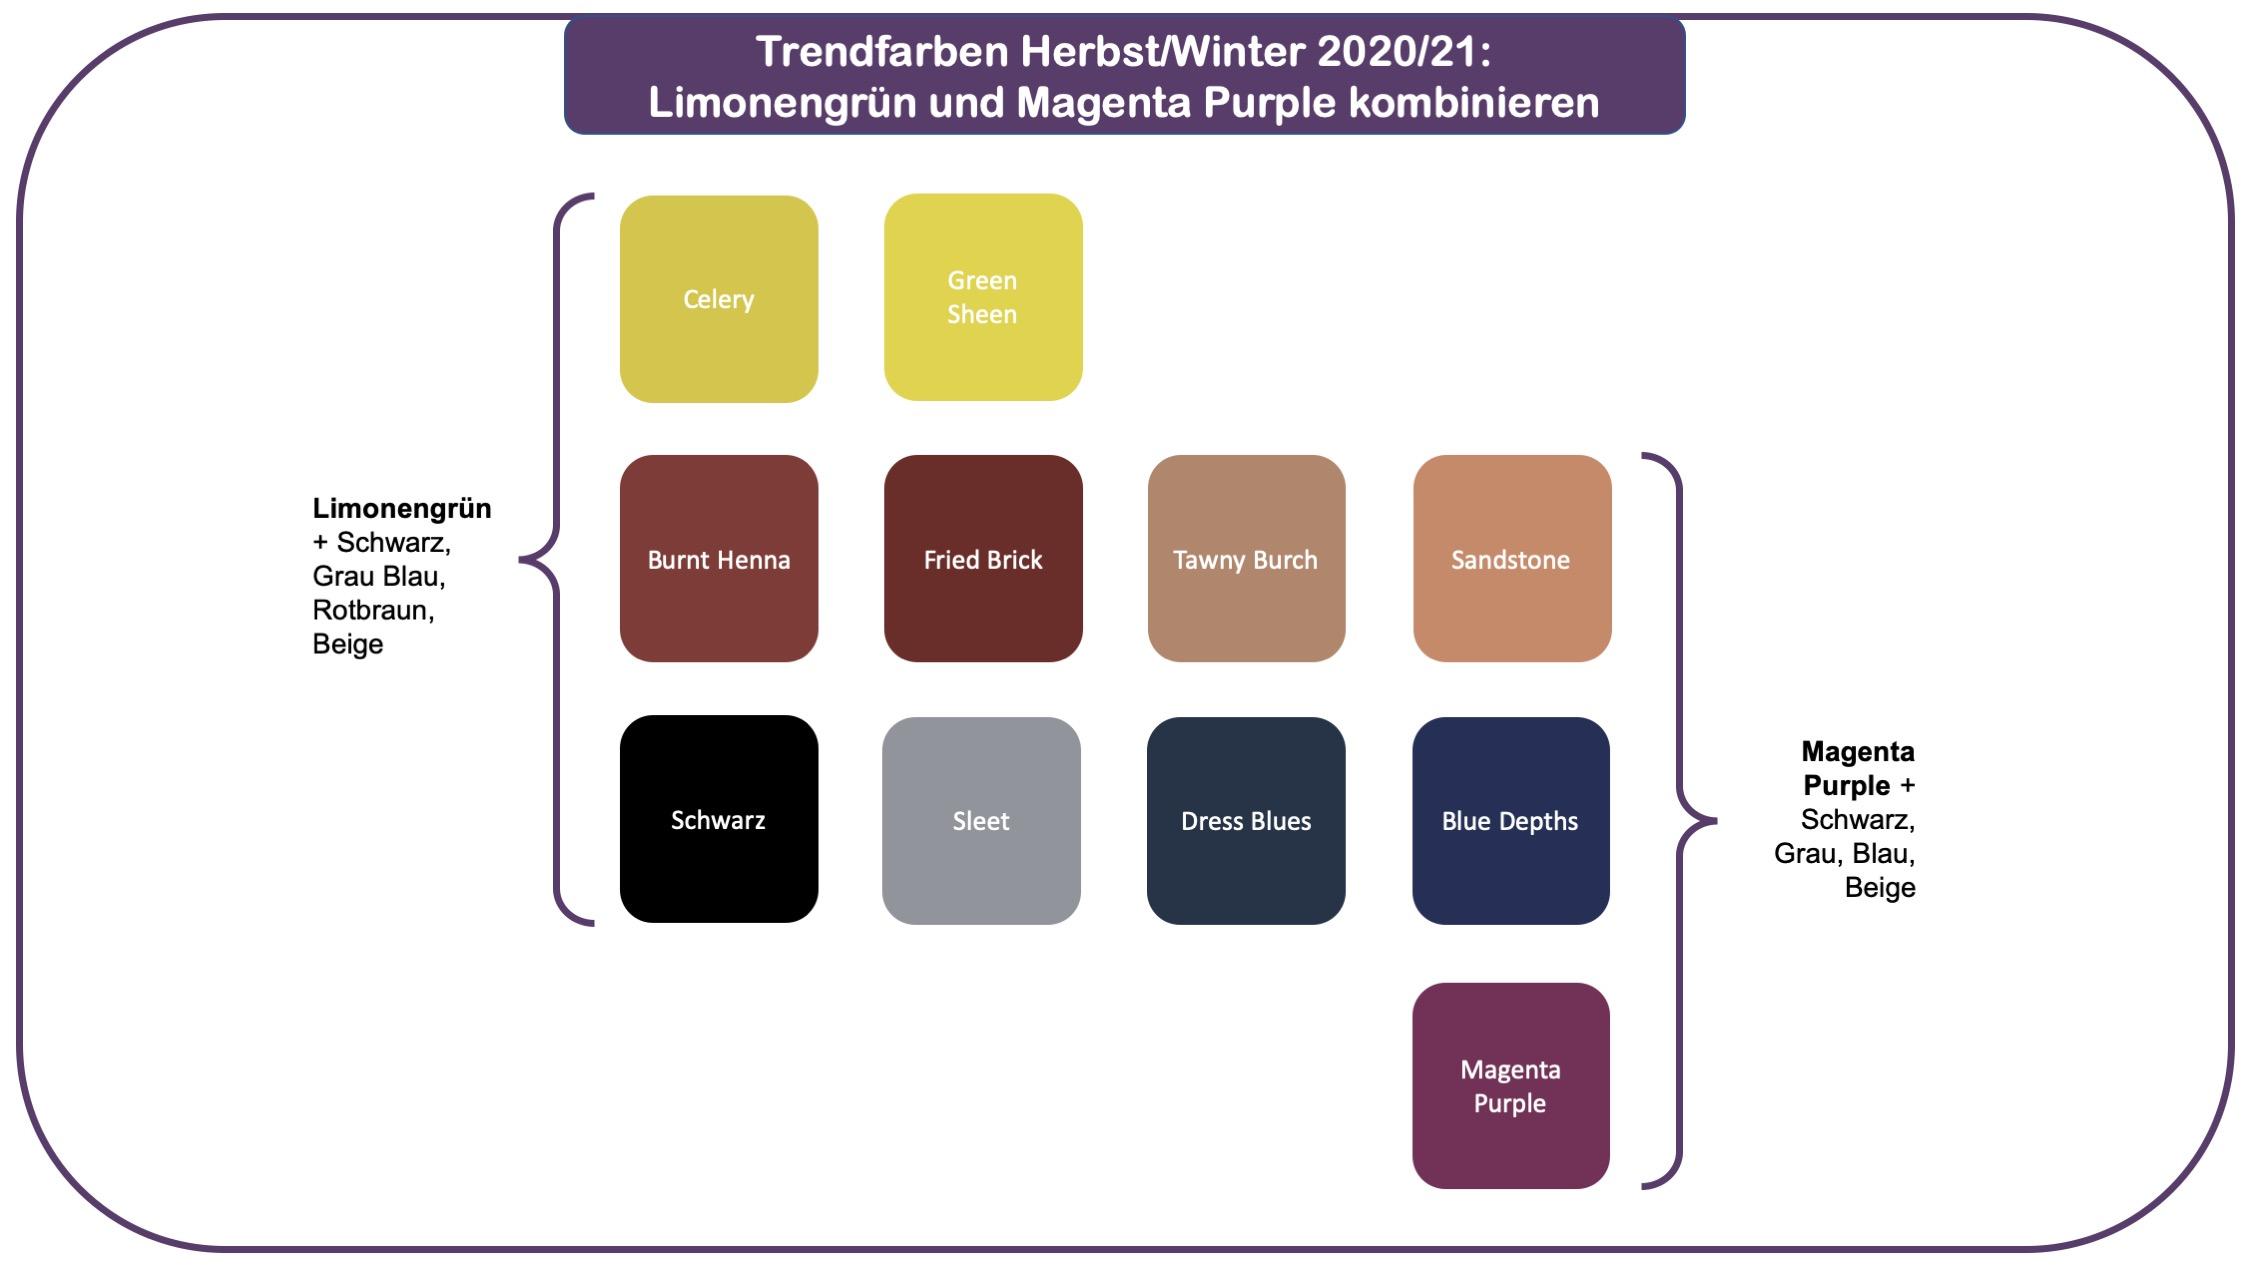 Trendfarben für Herbst und Winter 20/21